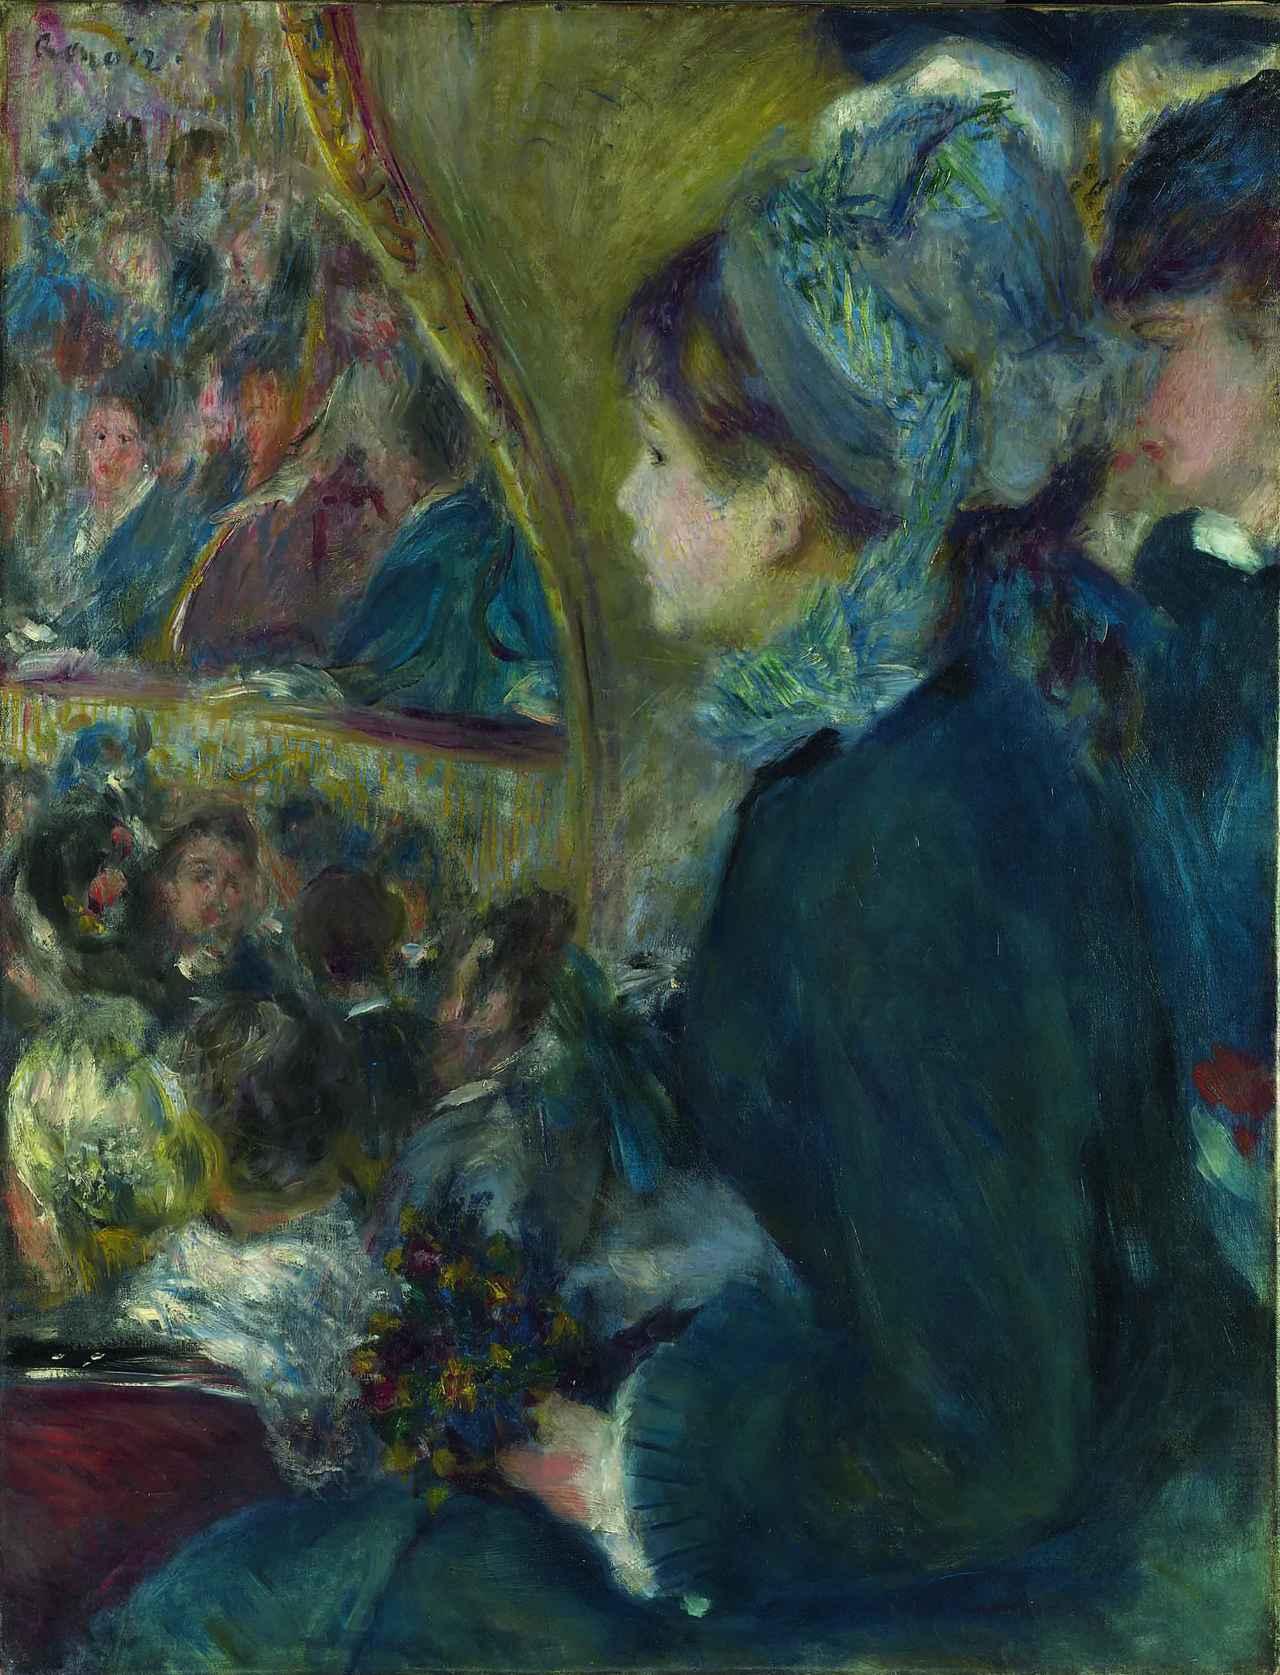 画像: ピエール=オーギュスト・ルノワール 《劇場にて(初めてのお出かけ)》 1876-77年 油彩・カンヴァス 65×49.5cm ©The National Gallery, London. Bought, Courtauld Fund, 1923